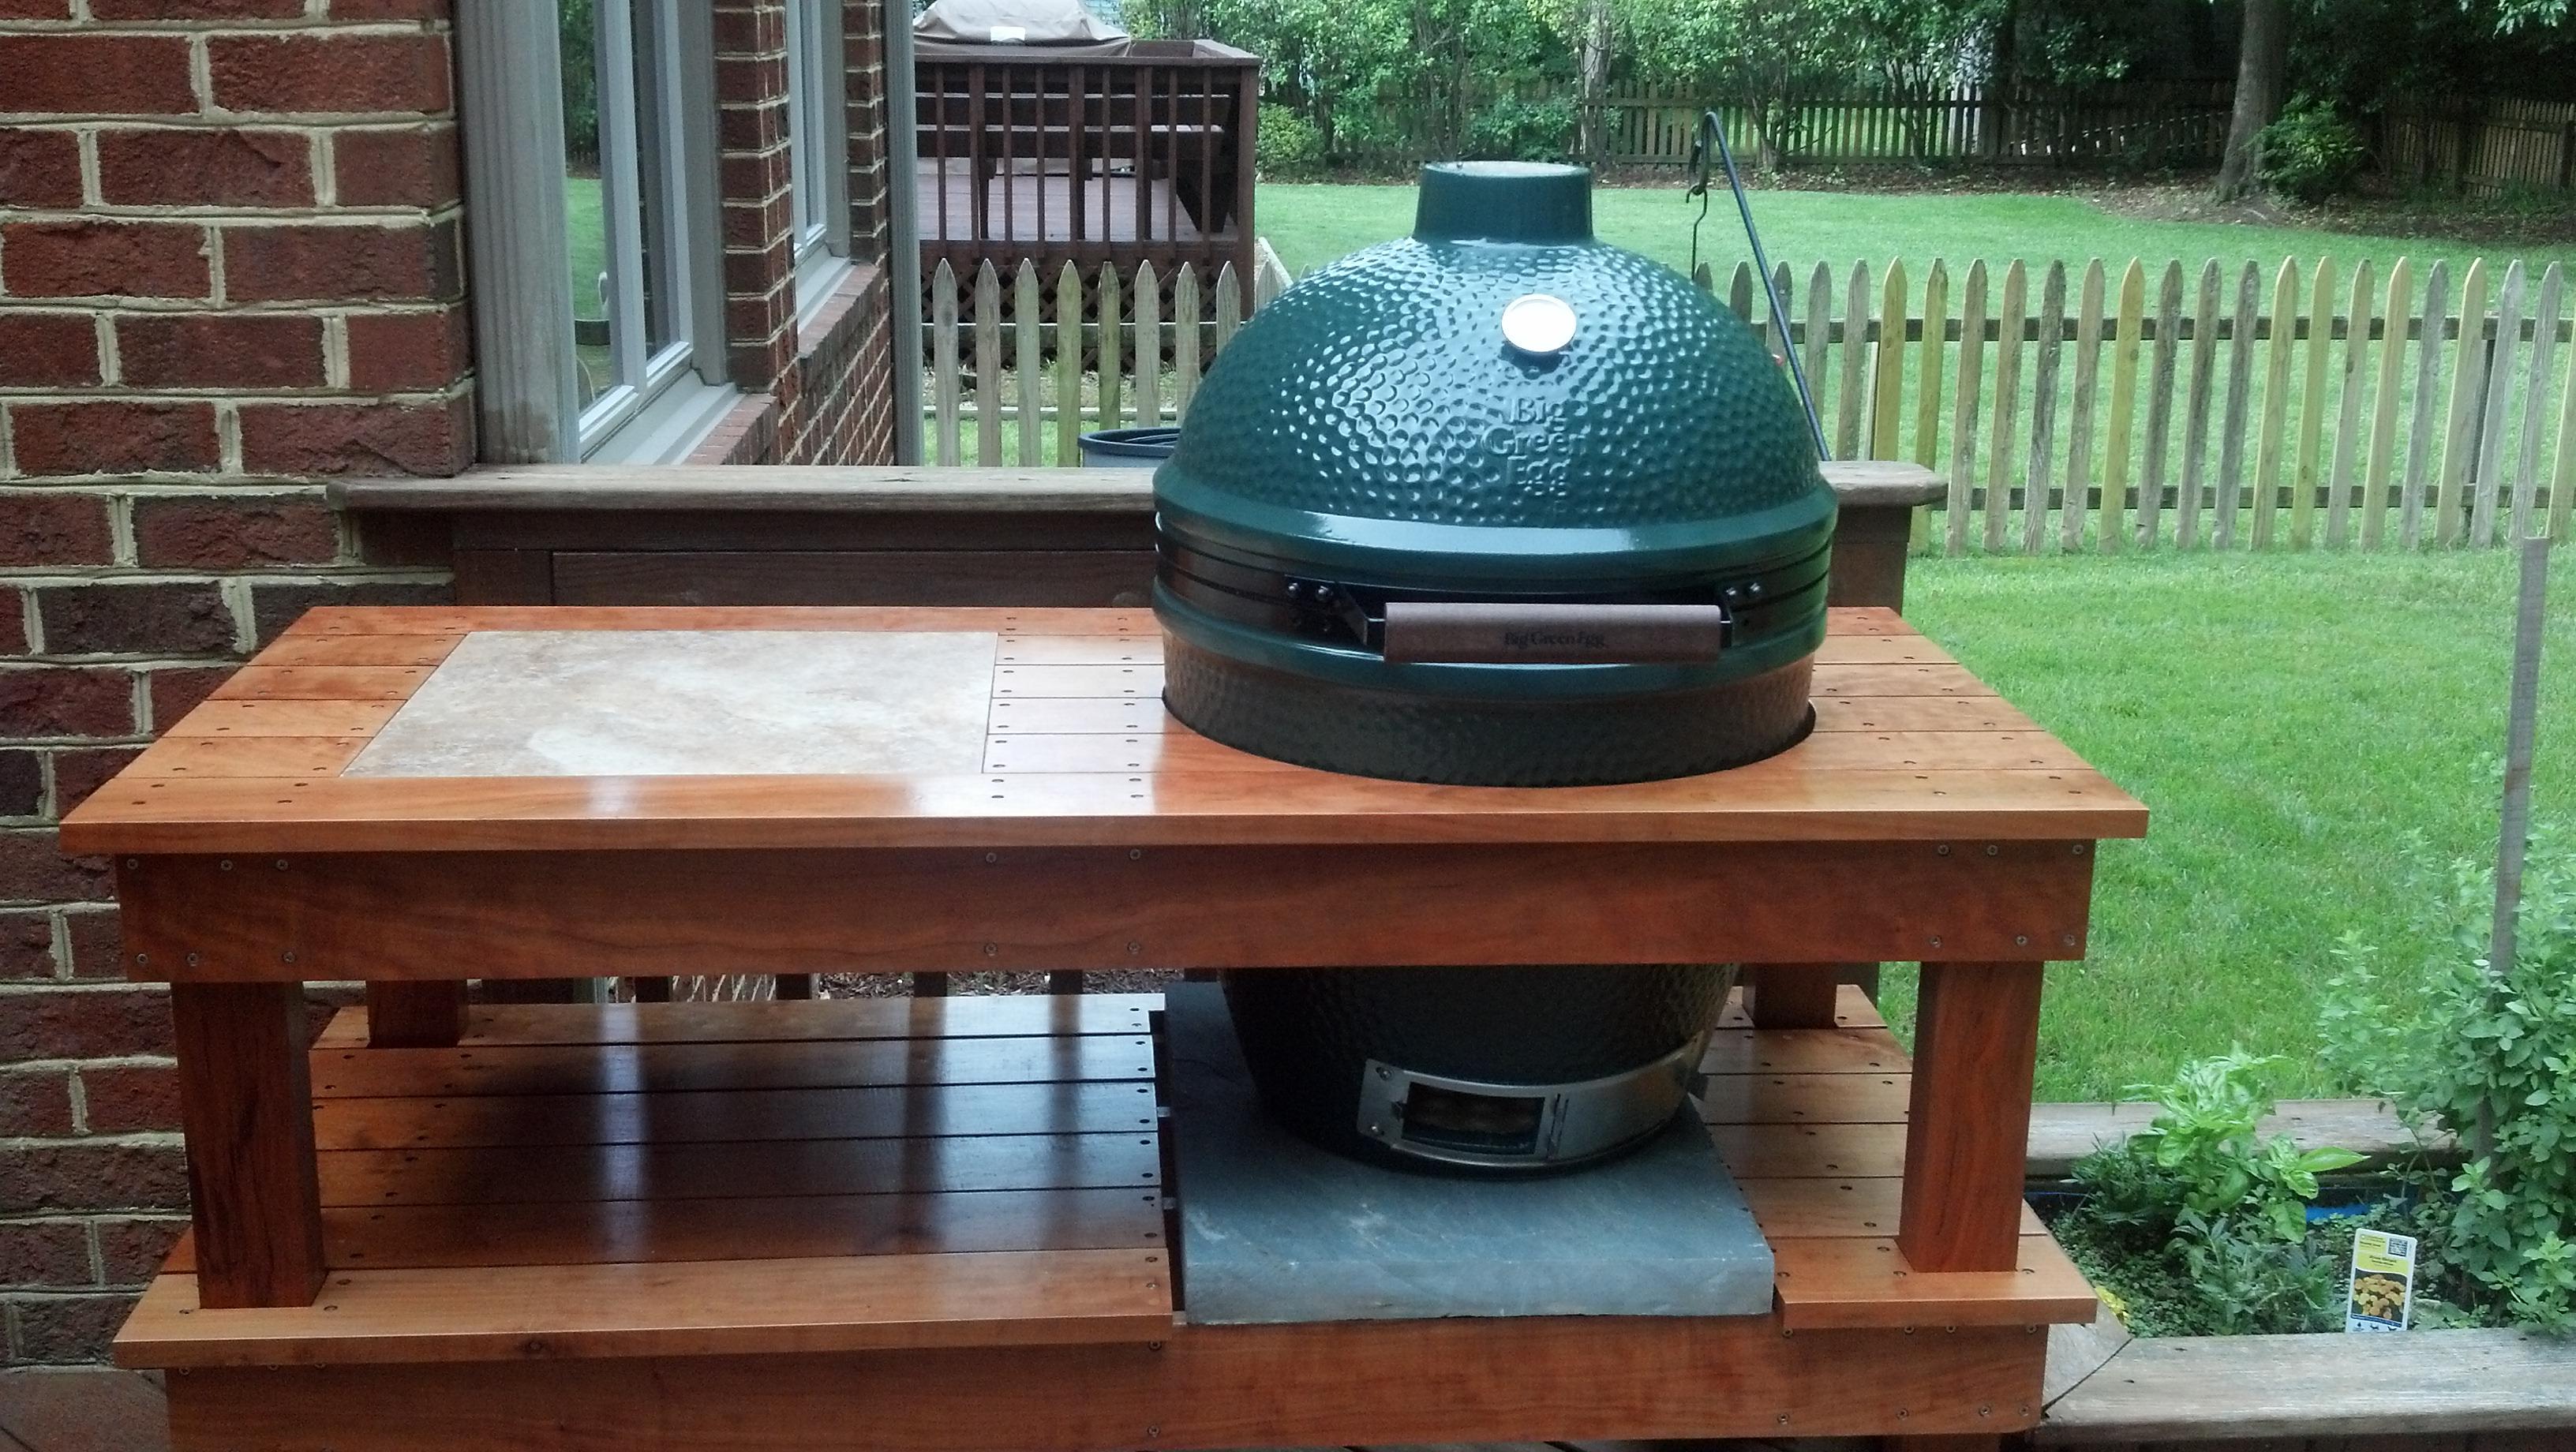 Building A Table Progress Pic Big Green Egg Egghead